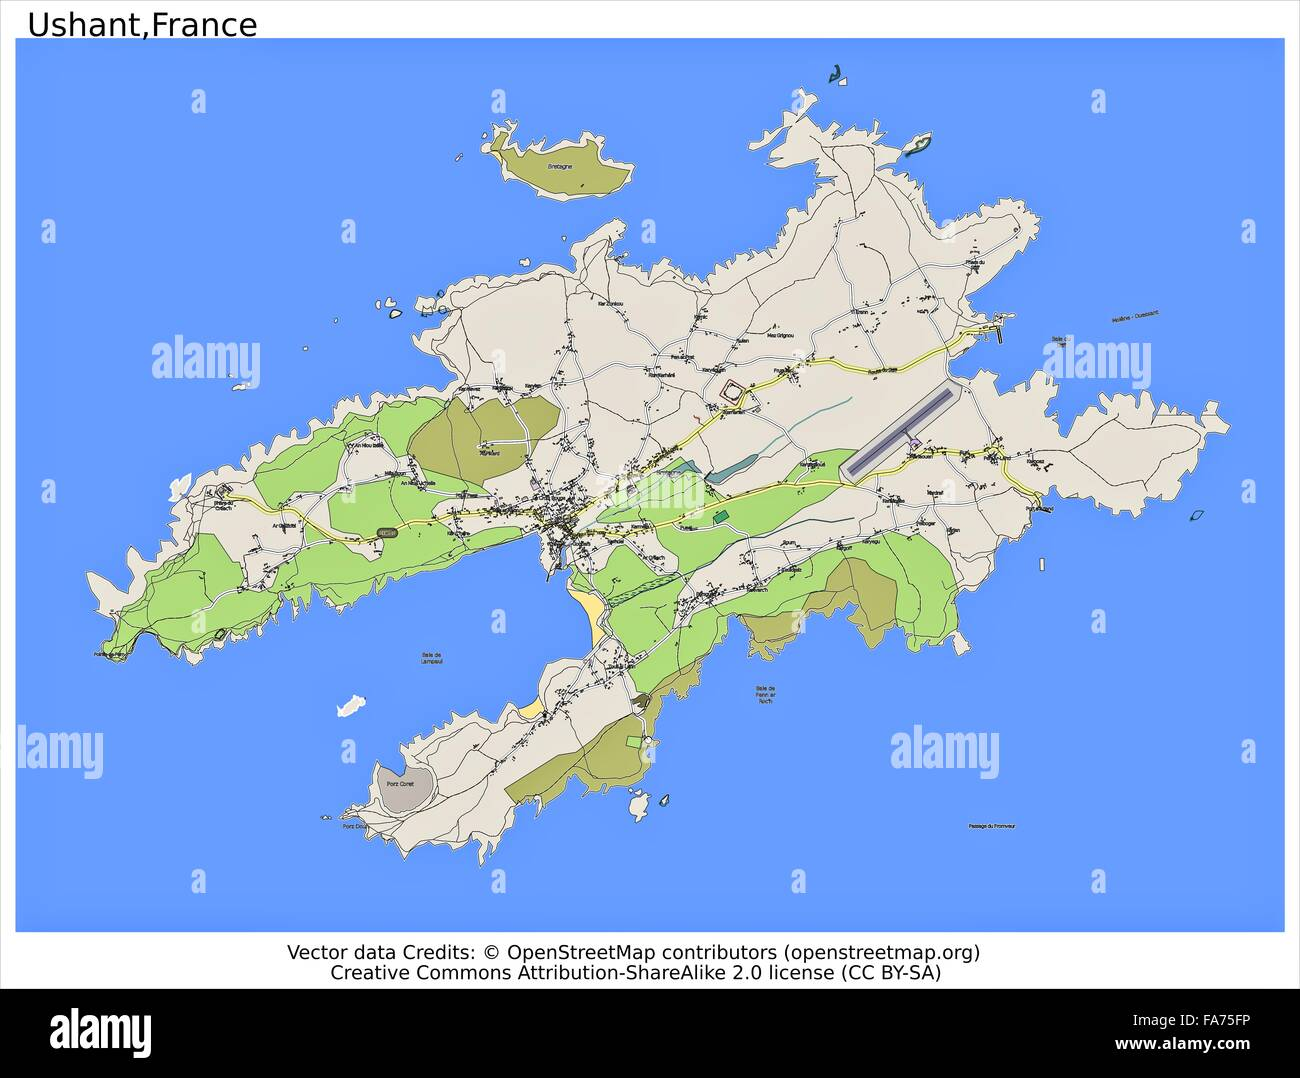 Ushant France location map Stock Photo 92356426 Alamy